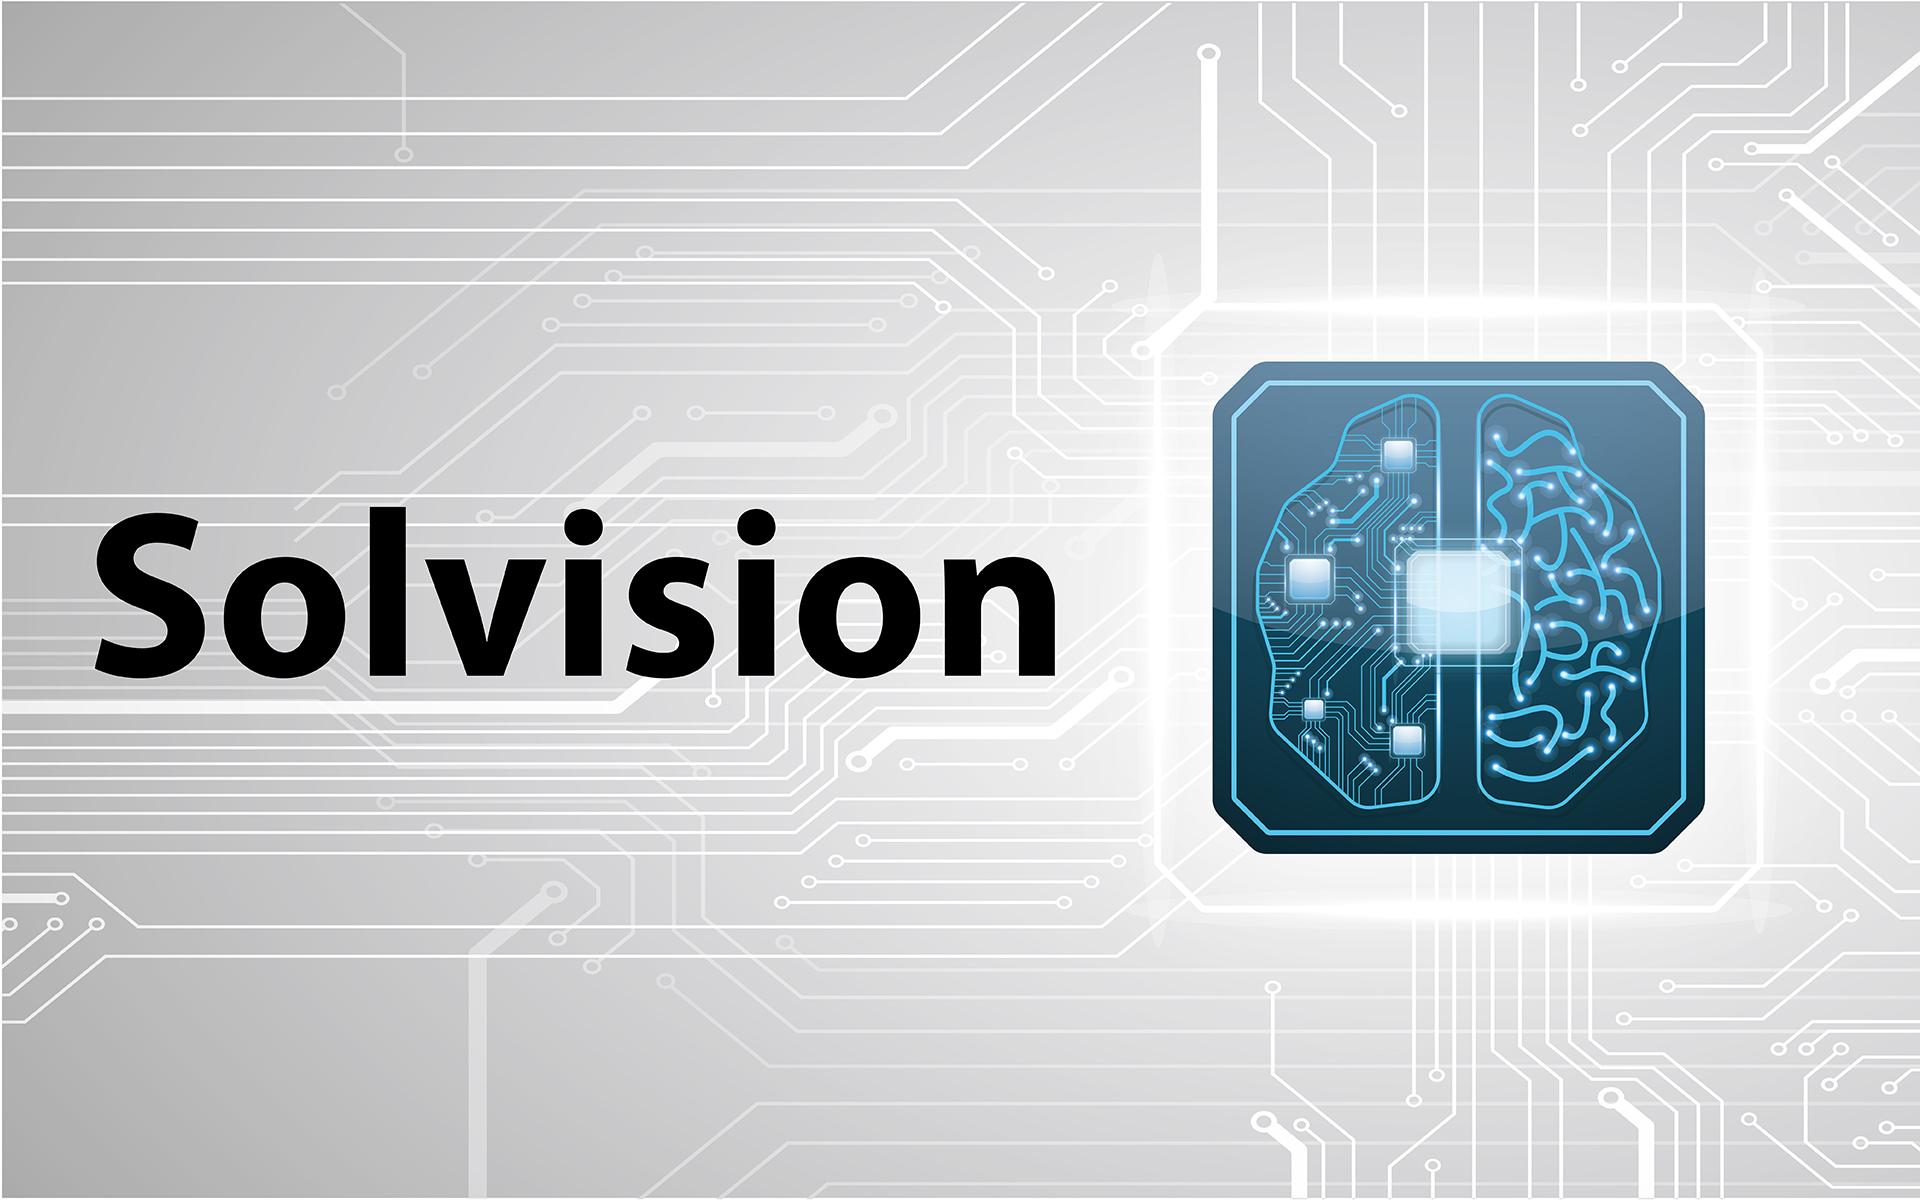 Solvision